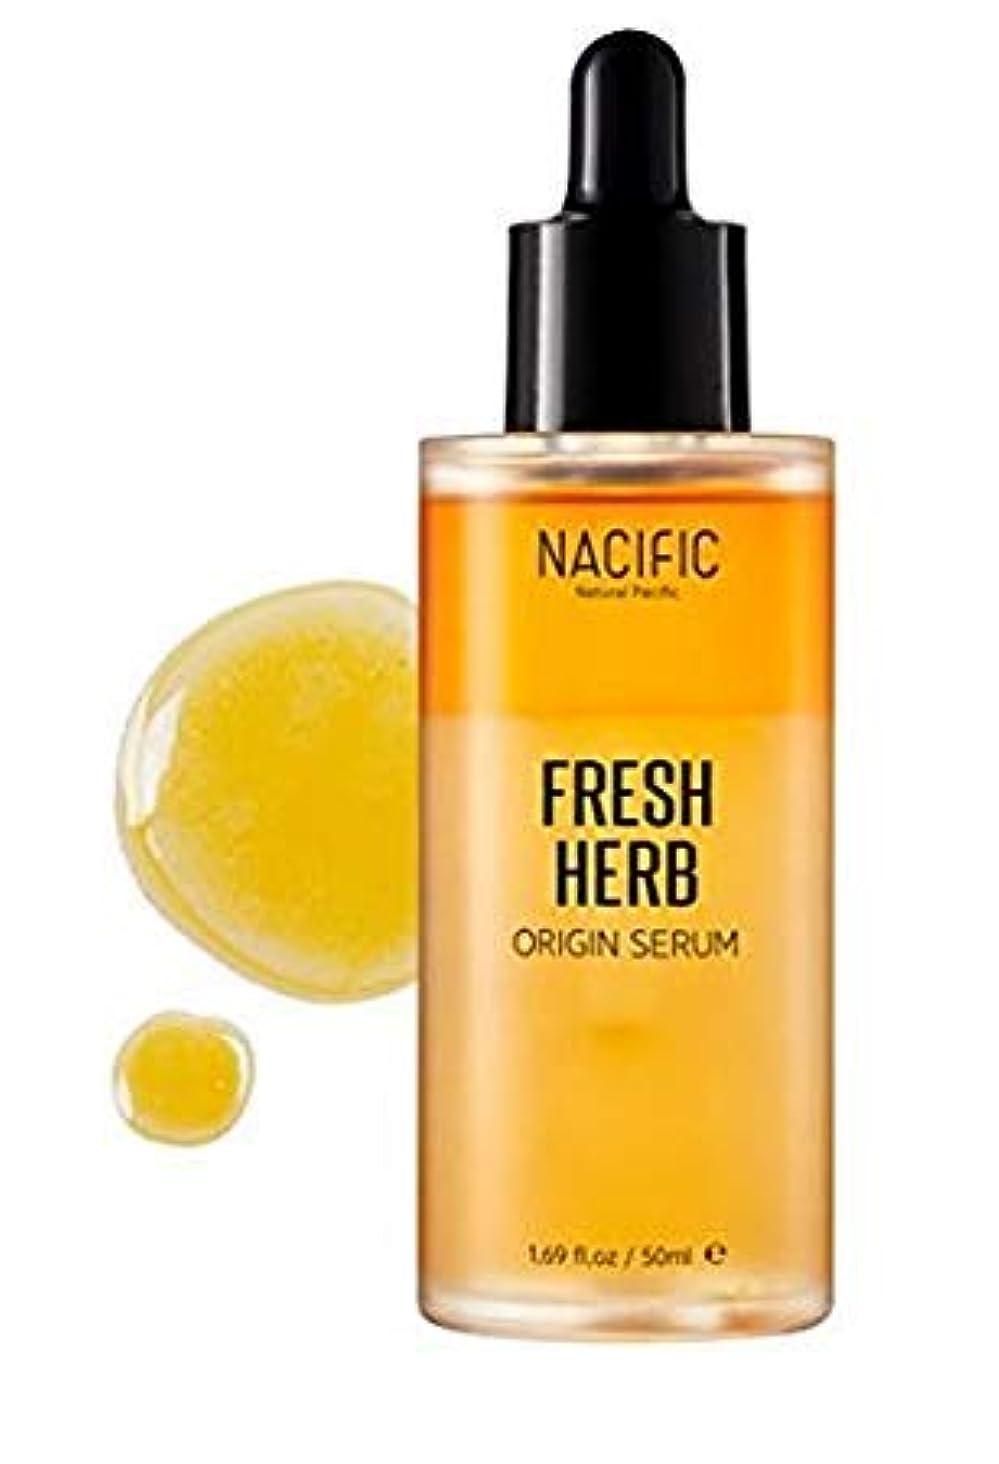 ピカソアラームタンパク質[NACIFIC]Fresh Herb Origin Serum 50ml/ナチュラルパシフィック フレッシュ ハーブ オリジン セラム 50ml [並行輸入品]